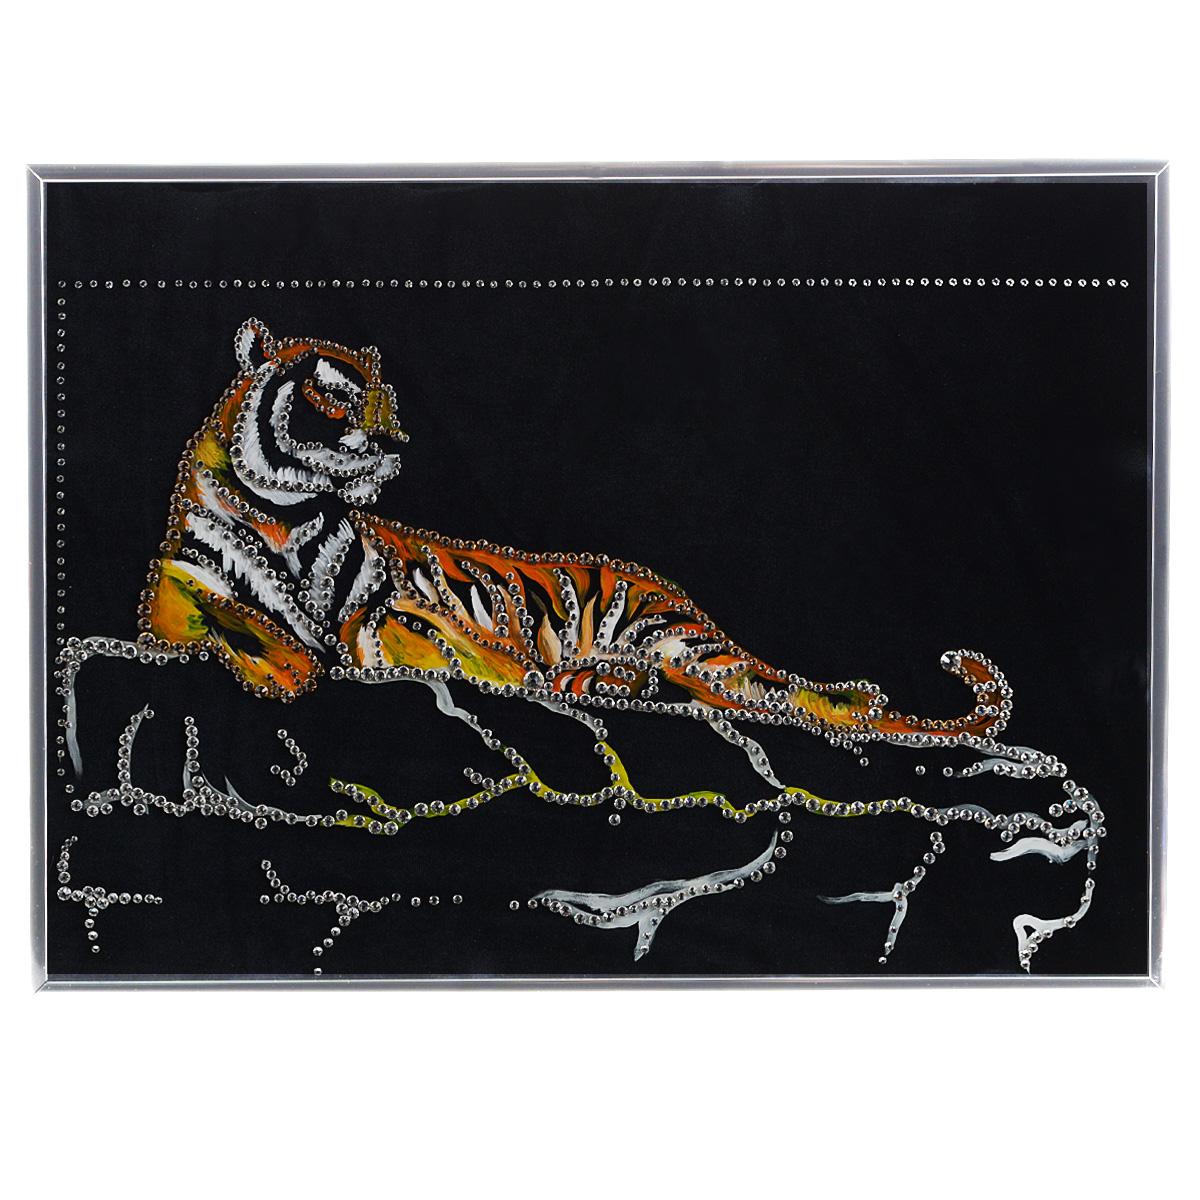 Картина с кристаллами Swarovski Тигр Шерхан, 40 см х 30 смPM-3006Изящная картина в металлической раме, инкрустирована кристаллами Swarovski, которые отличаются четкой и ровной огранкой, ярким блеском и чистотой цвета. Красочное изображение тигра, расположенное на внутренней стороне стекла, прекрасно дополняет блеск кристаллов. Под стеклом картина оформлены бархатистой тканью черного цвета. С обратной стороны имеется металлическая петелька для размещения картины на стене.Картина с кристаллами Swarovski Тигр Шерхан элегантно украсит интерьер дома или офиса, а также станет прекрасным подарком, который обязательно понравится получателю. Блеск кристаллов в интерьере, что может быть сказочнее и удивительнее. Картина упакована в подарочную картонную коробку синего цвета и комплектуется сертификатом соответствия Swarovski.